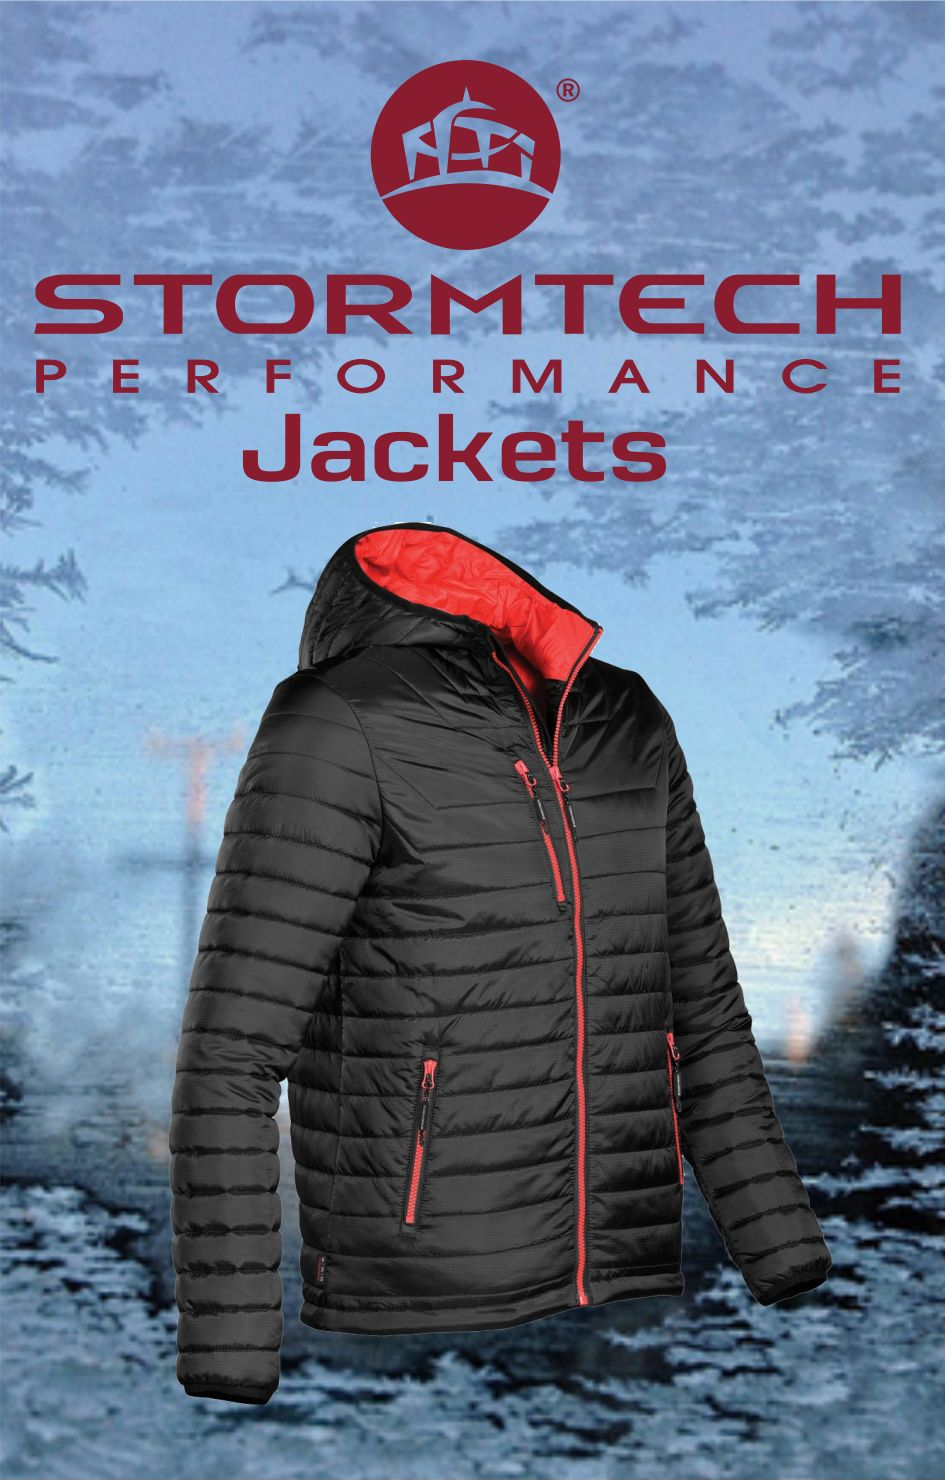 Stormtech Jackets